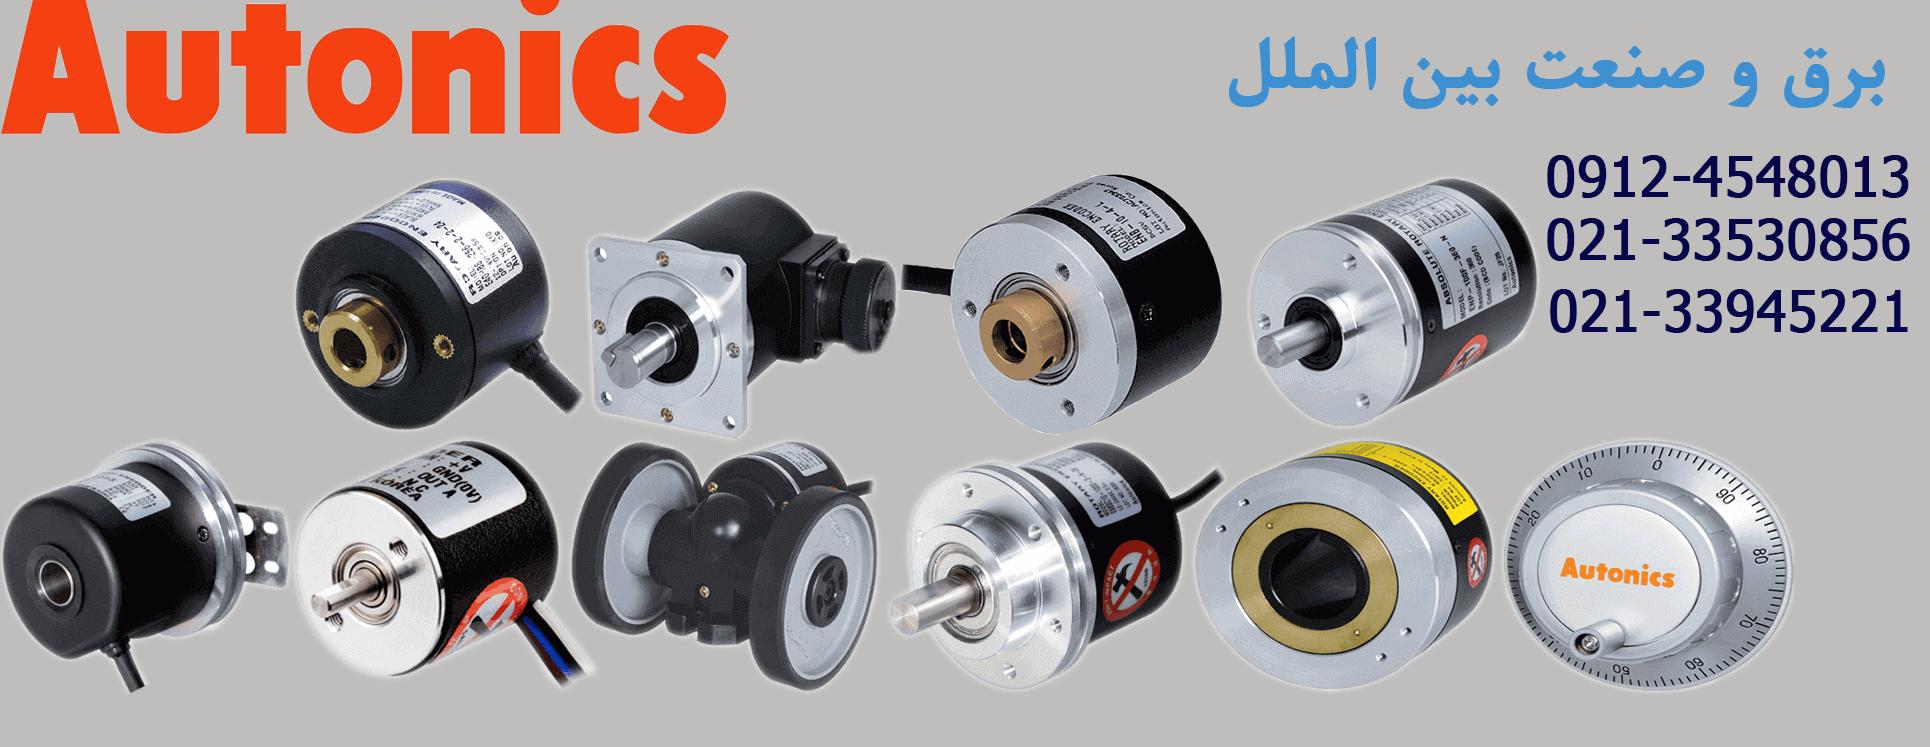 محصولات Autonics کره,نمایندگی Autonics لاله زار,سنسور, Autonics تایمر, Autonics  سنسور نوری Autonics